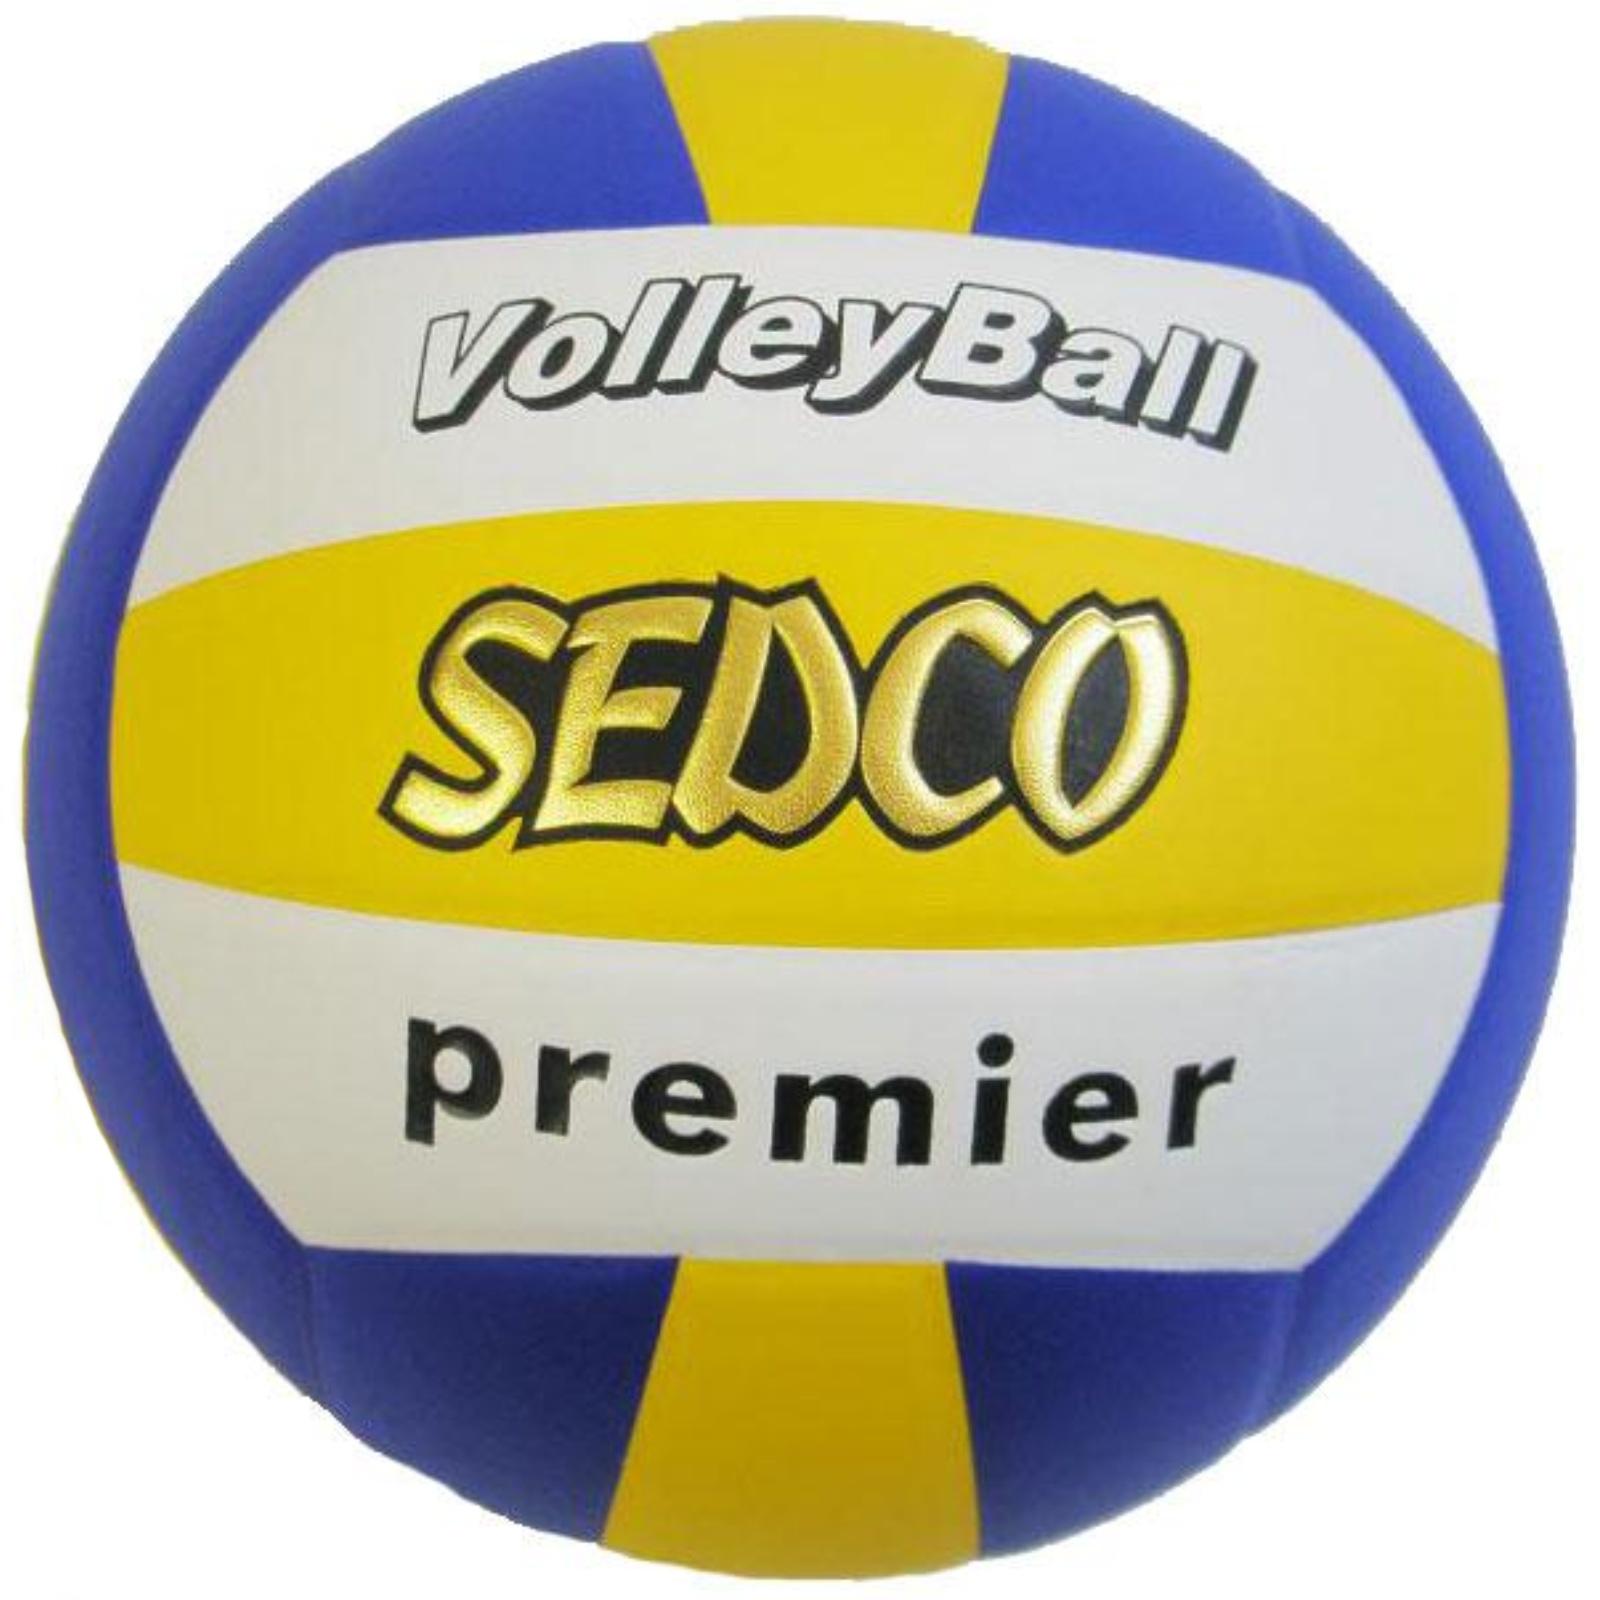 Volejbalový míč SEDCO Premier